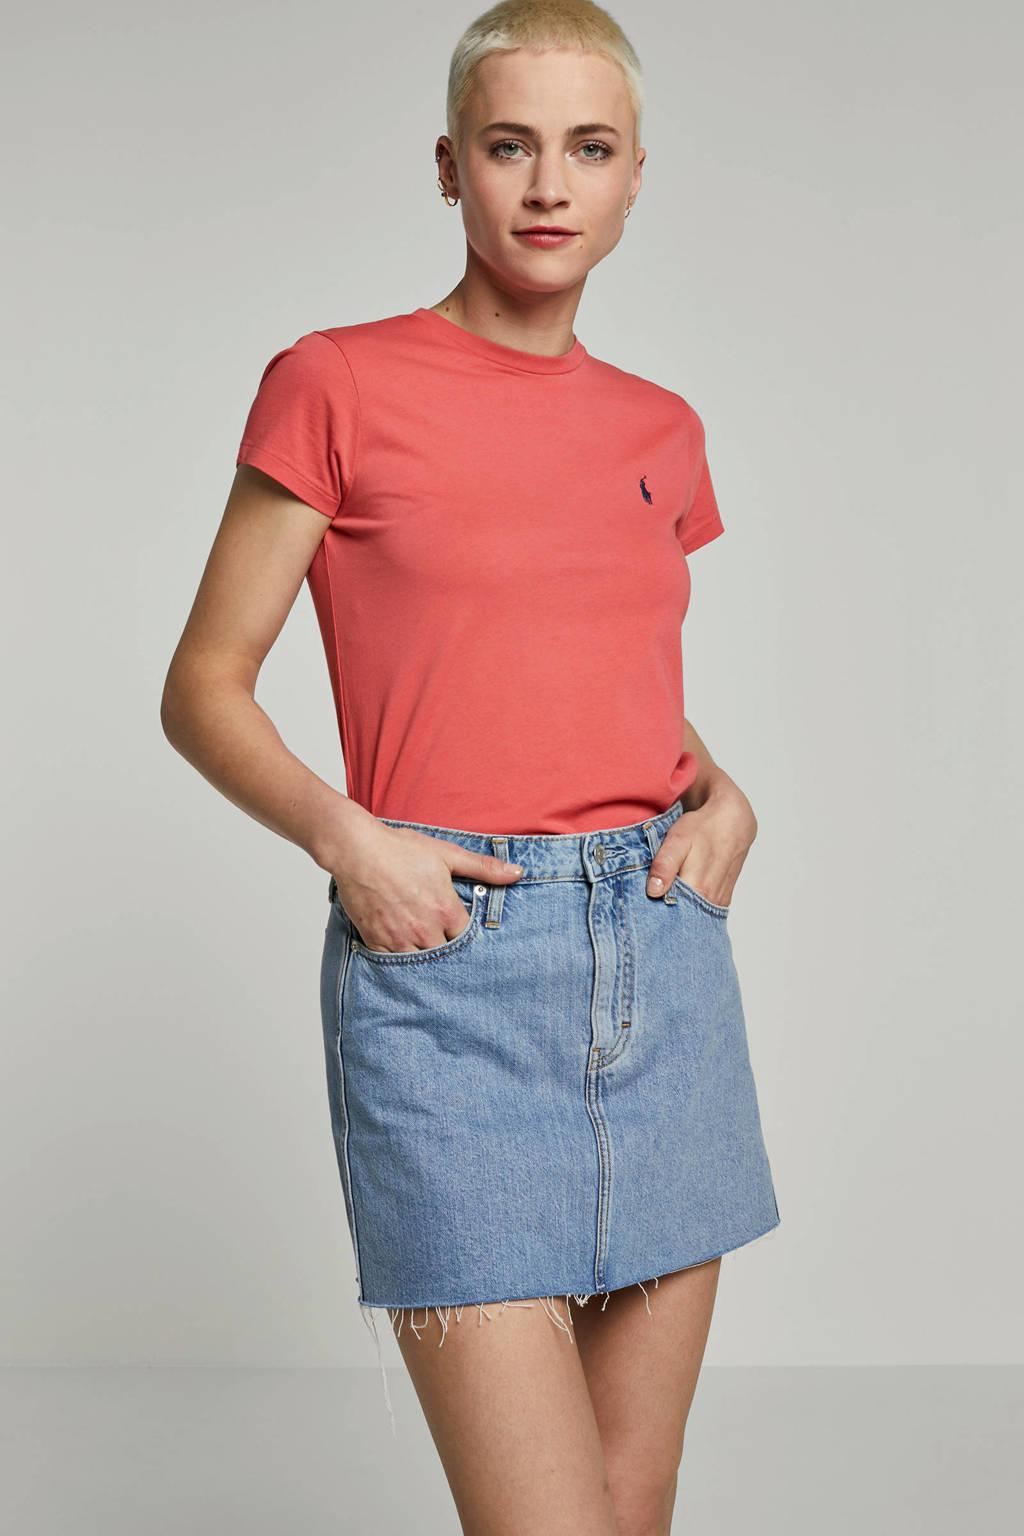 Calvin Klein Jeans spijkerrok met logo blauw, Blauw/rood